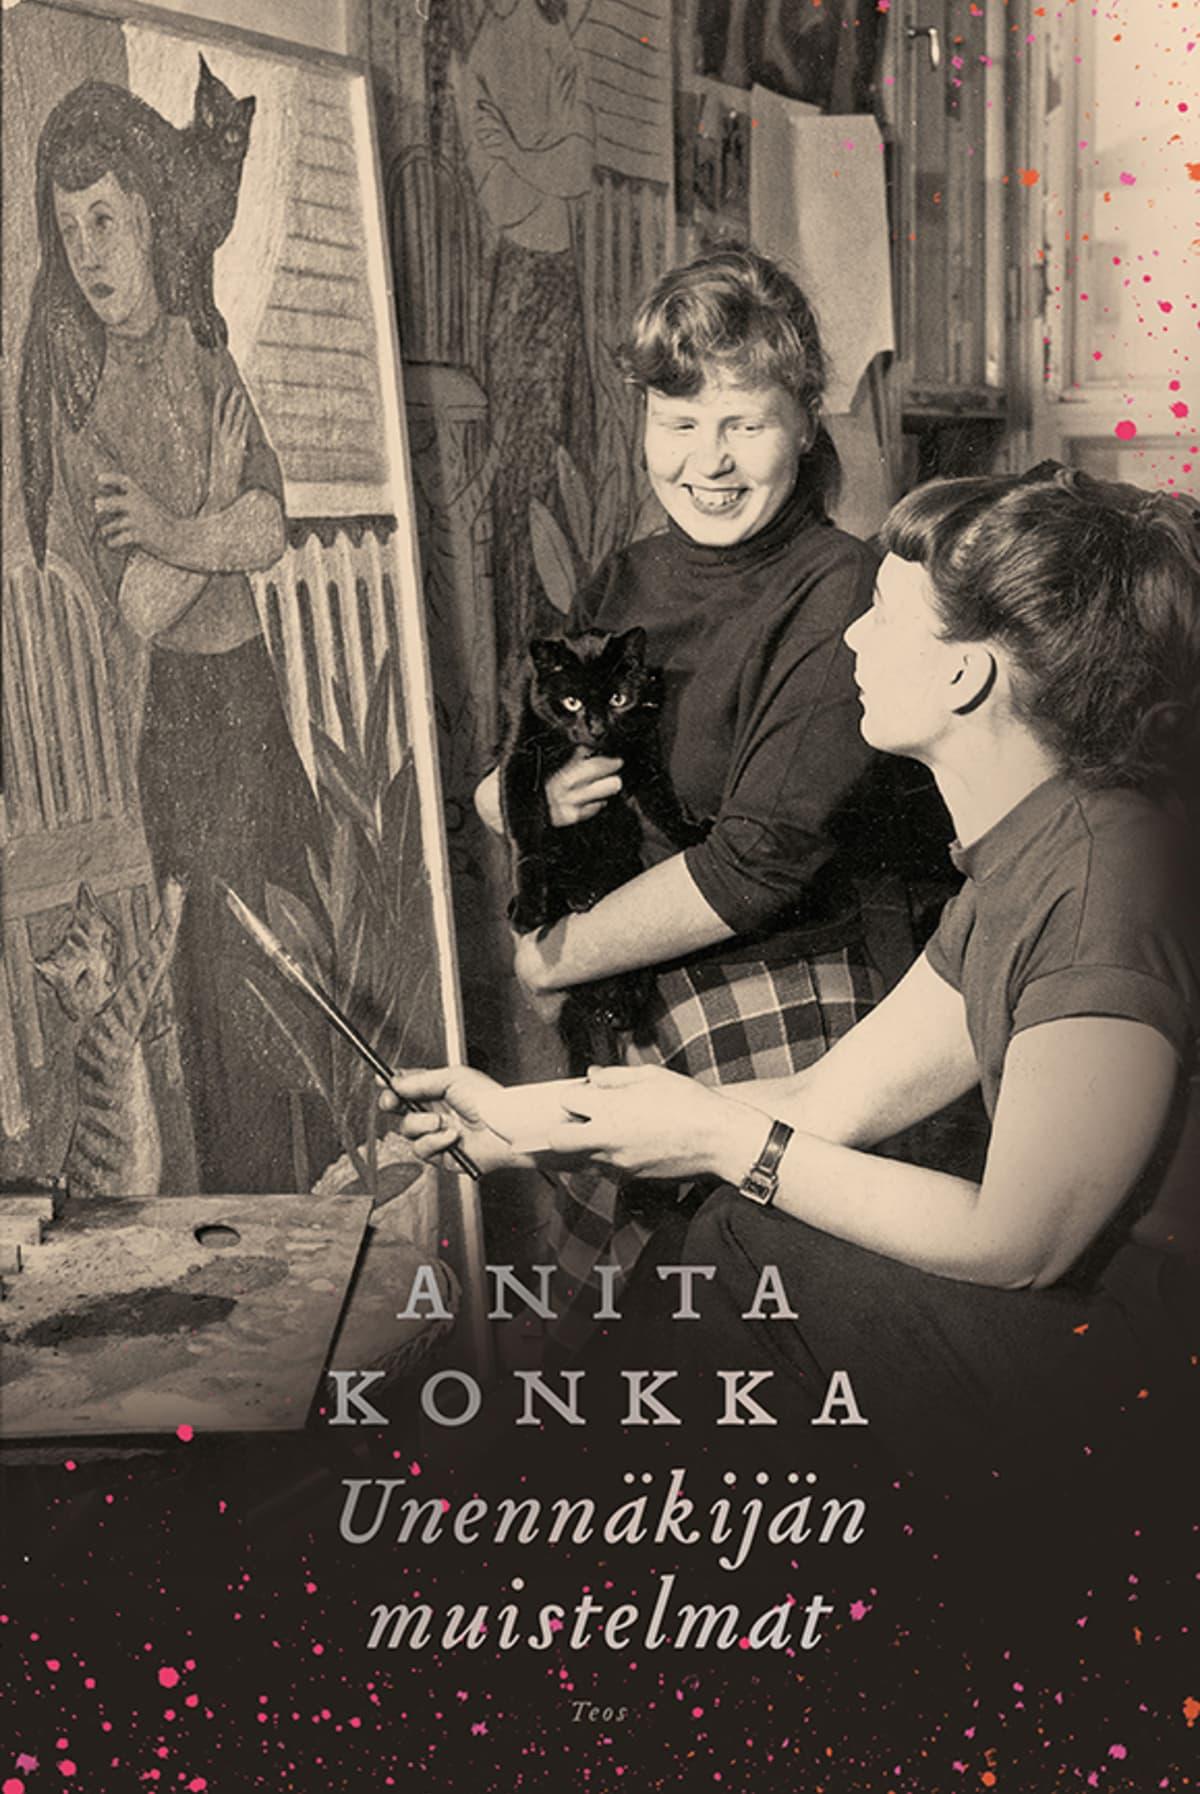 Anita Konkka: Unennäkijän muistelmat -kirjan kansi